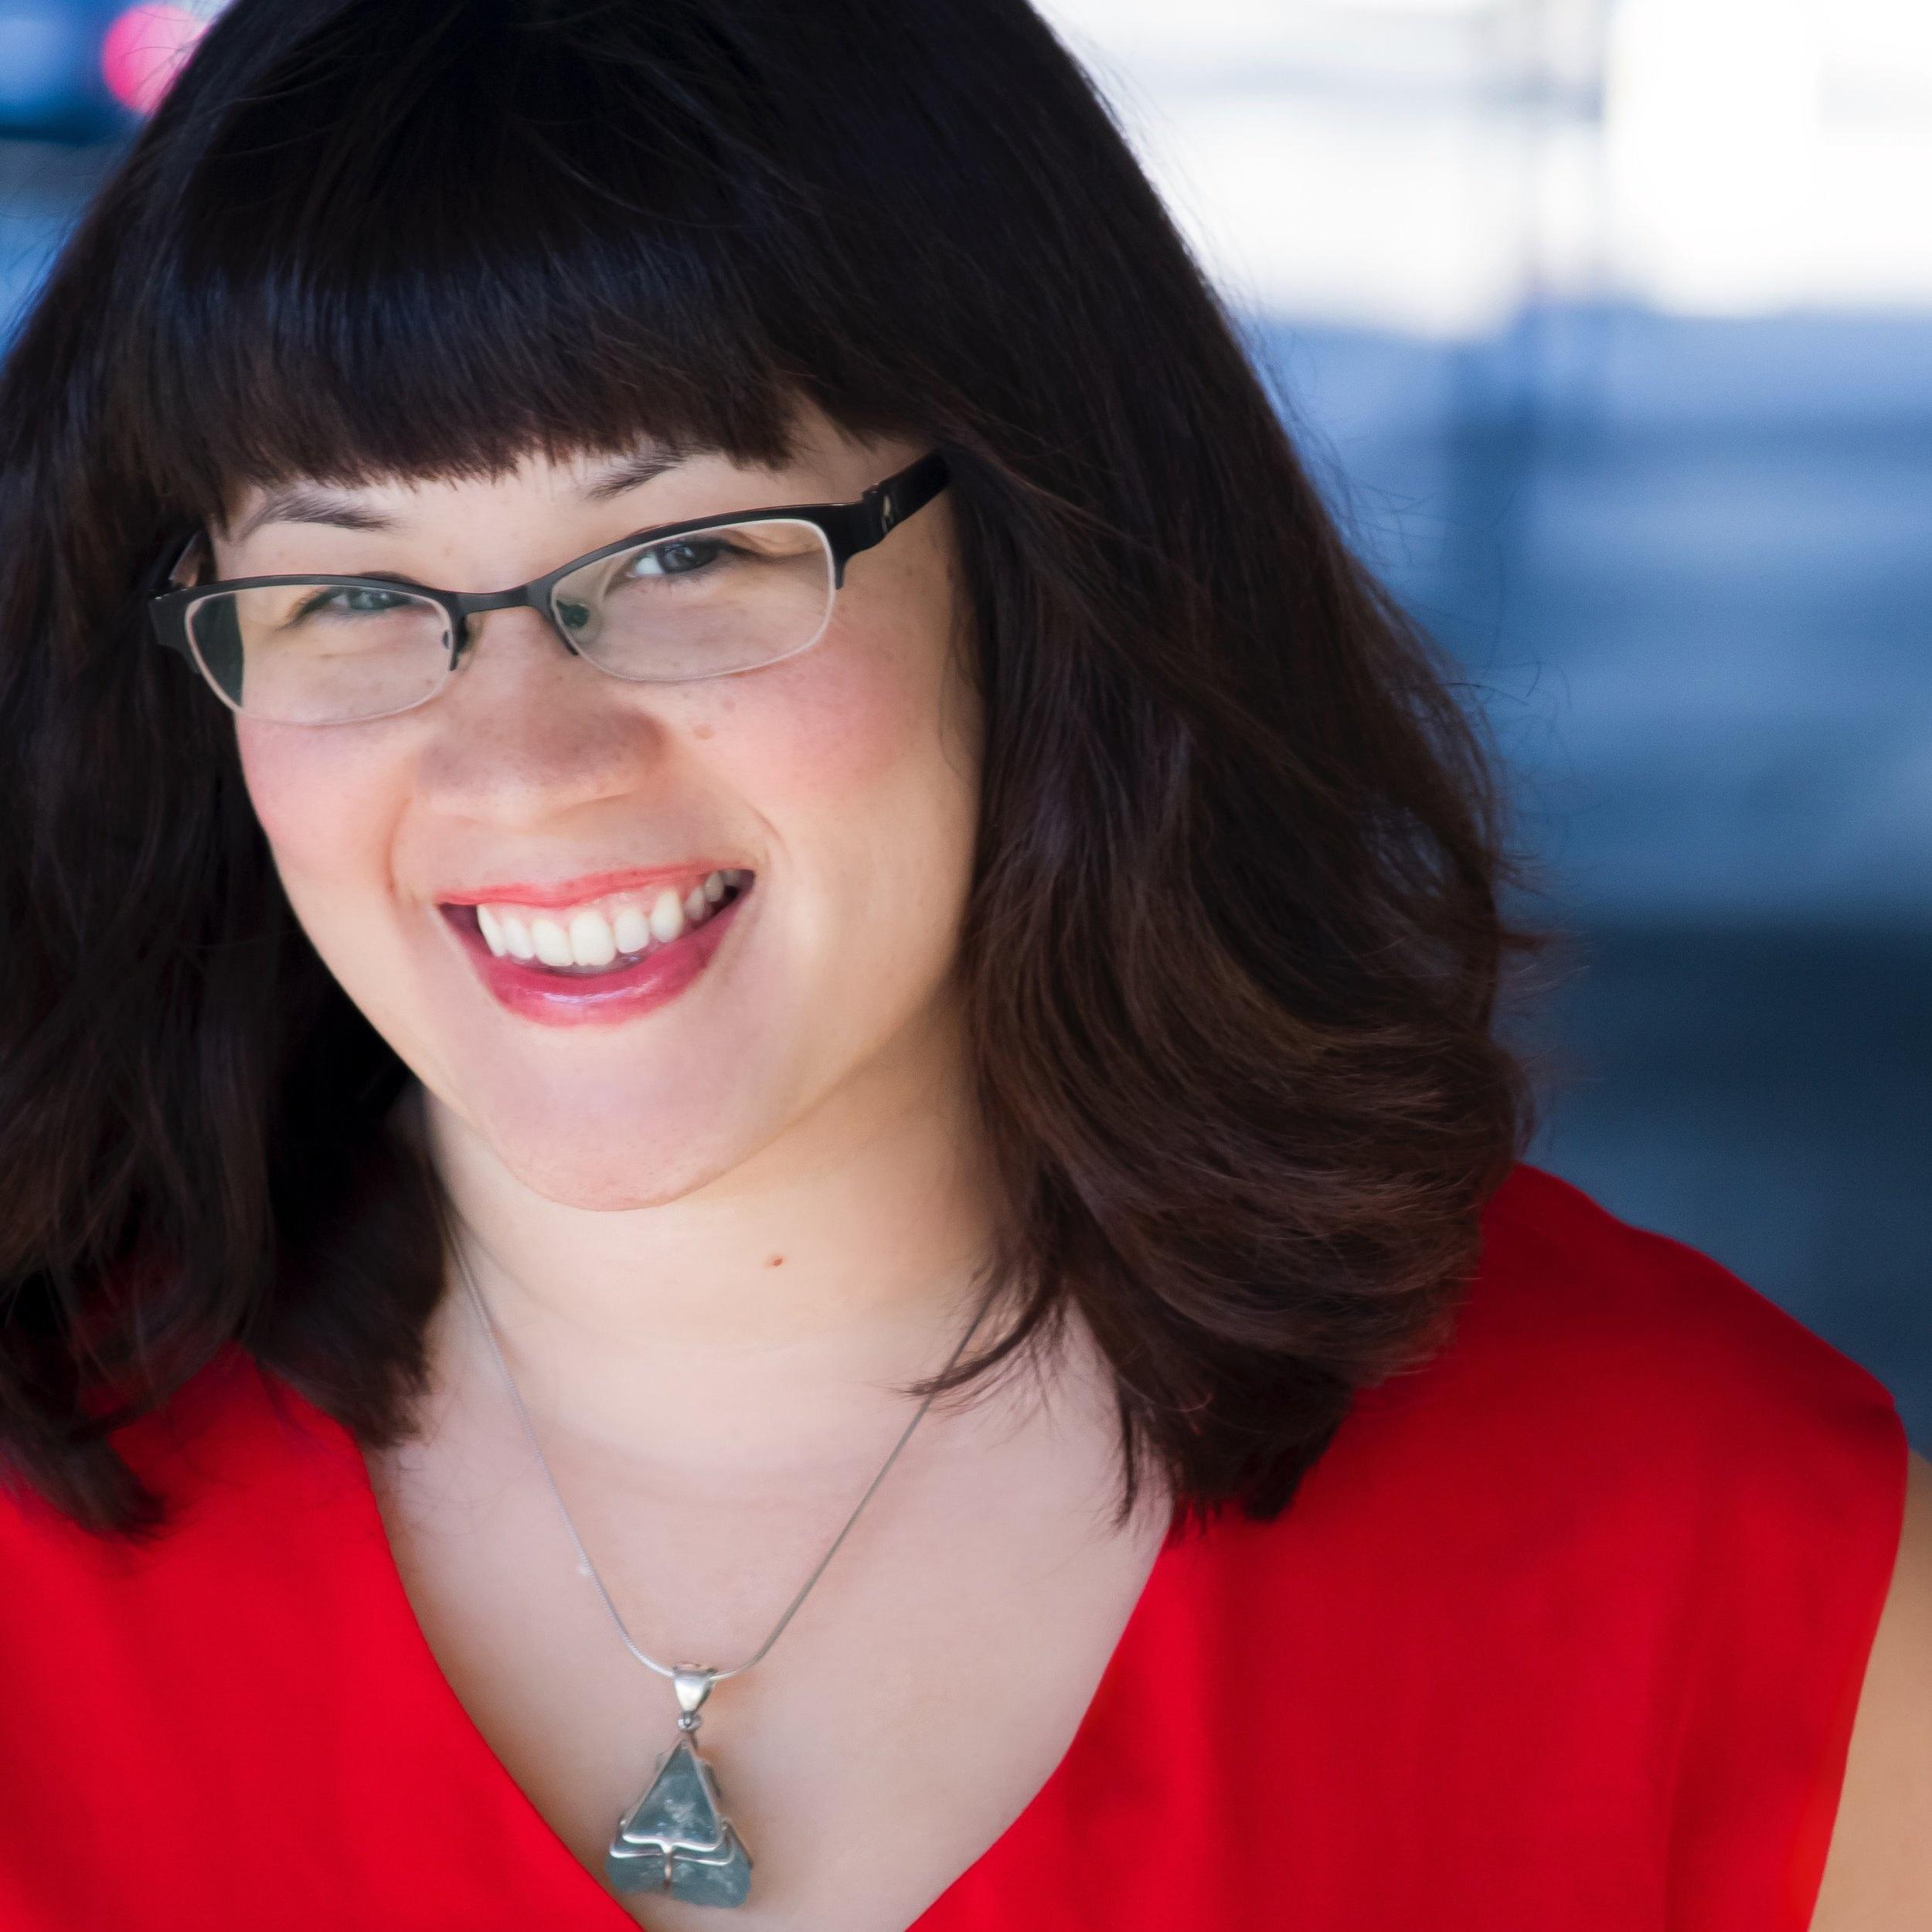 SARAH KUHN - Author/Comic Book Writer